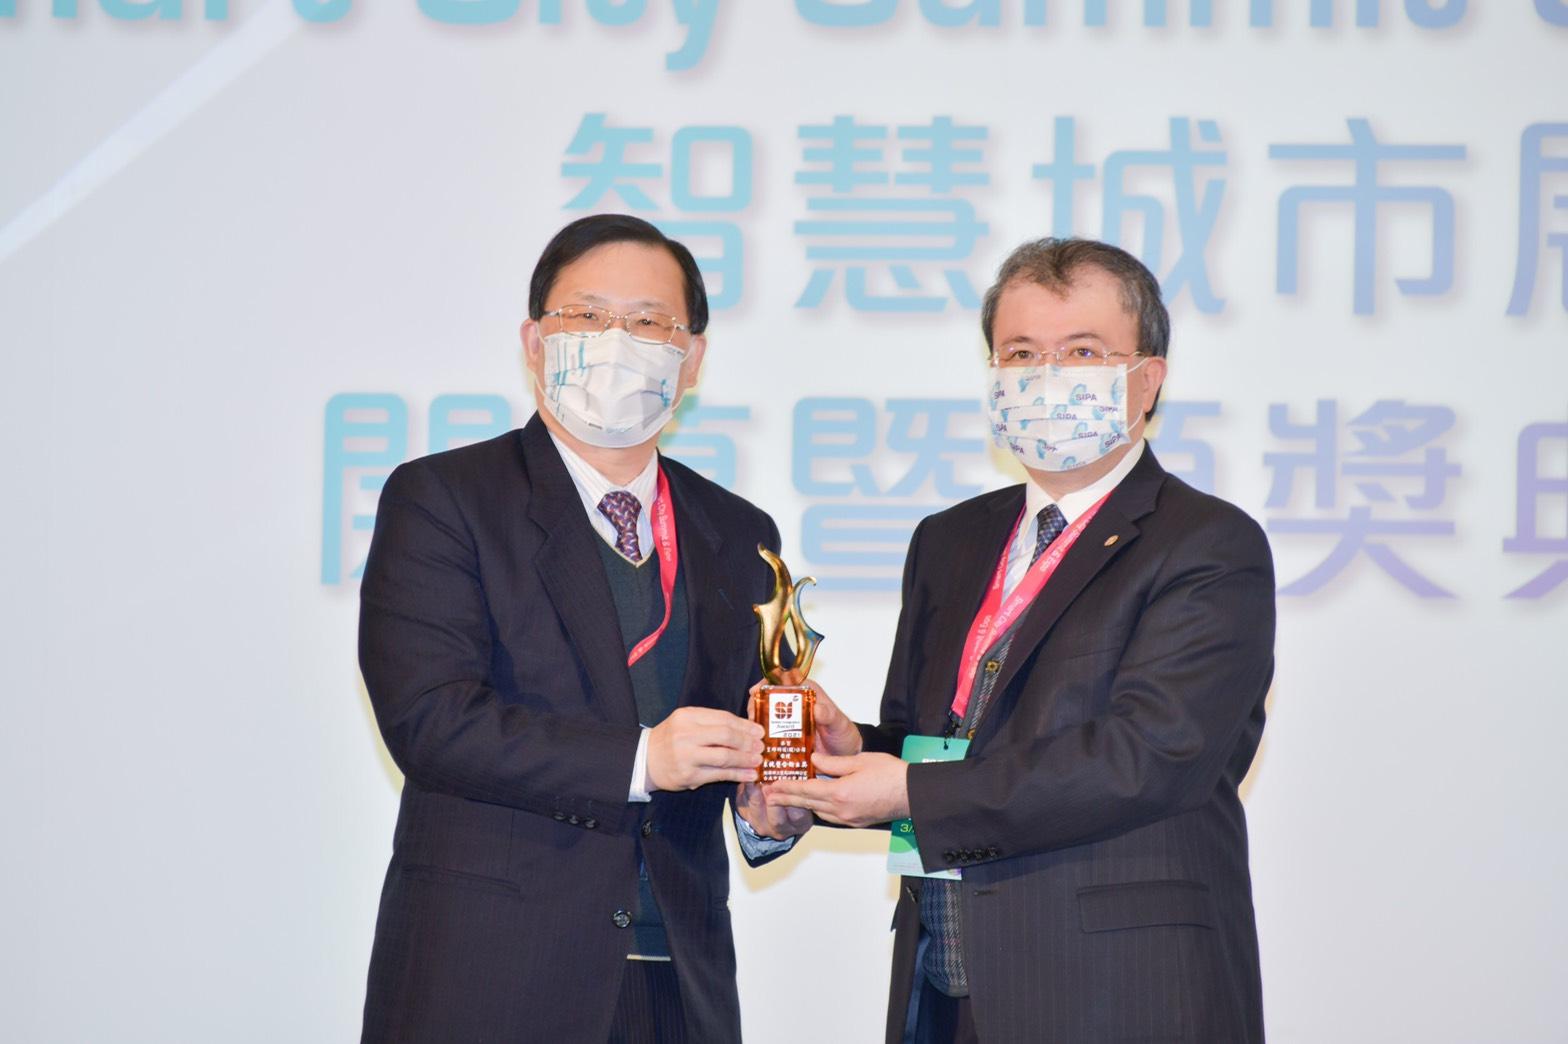 【賀】本會張智強祕書長(皇輝科技股份有限公司執行長)榮獲《第六屆2021系統整合輸出獎》